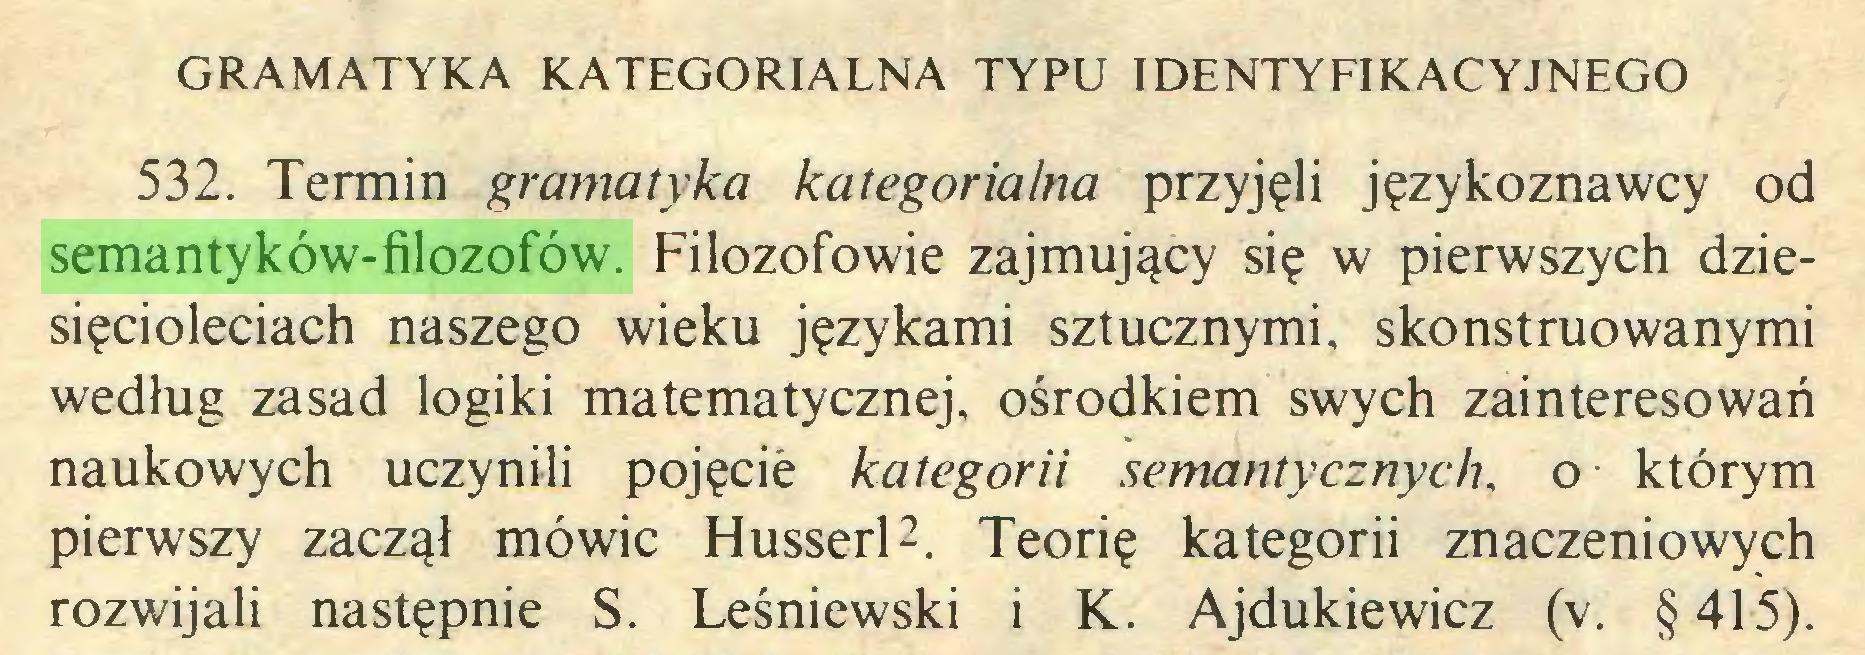 (...) GRAMATYKA KATEGORIALNA TYPU IDENTYFIKACYJNEGO 532. Termin gramatyka kategorialna przyjęli językoznawcy od semantyków-filozofów. Filozofowie zajmujący się w pierwszych dziesięcioleciach naszego wieku językami sztucznymi, skonstruowanymi według zasad logiki matematycznej, ośrodkiem swych zainteresowań naukowych uczynili pojęcie kategorii semantycznych, o którym pierwszy zaczął mówić Husserl2. Teorię kategorii znaczeniowych rozwijali następnie S. Leśniewski i K. Ajdukiewicz (v. §415)...